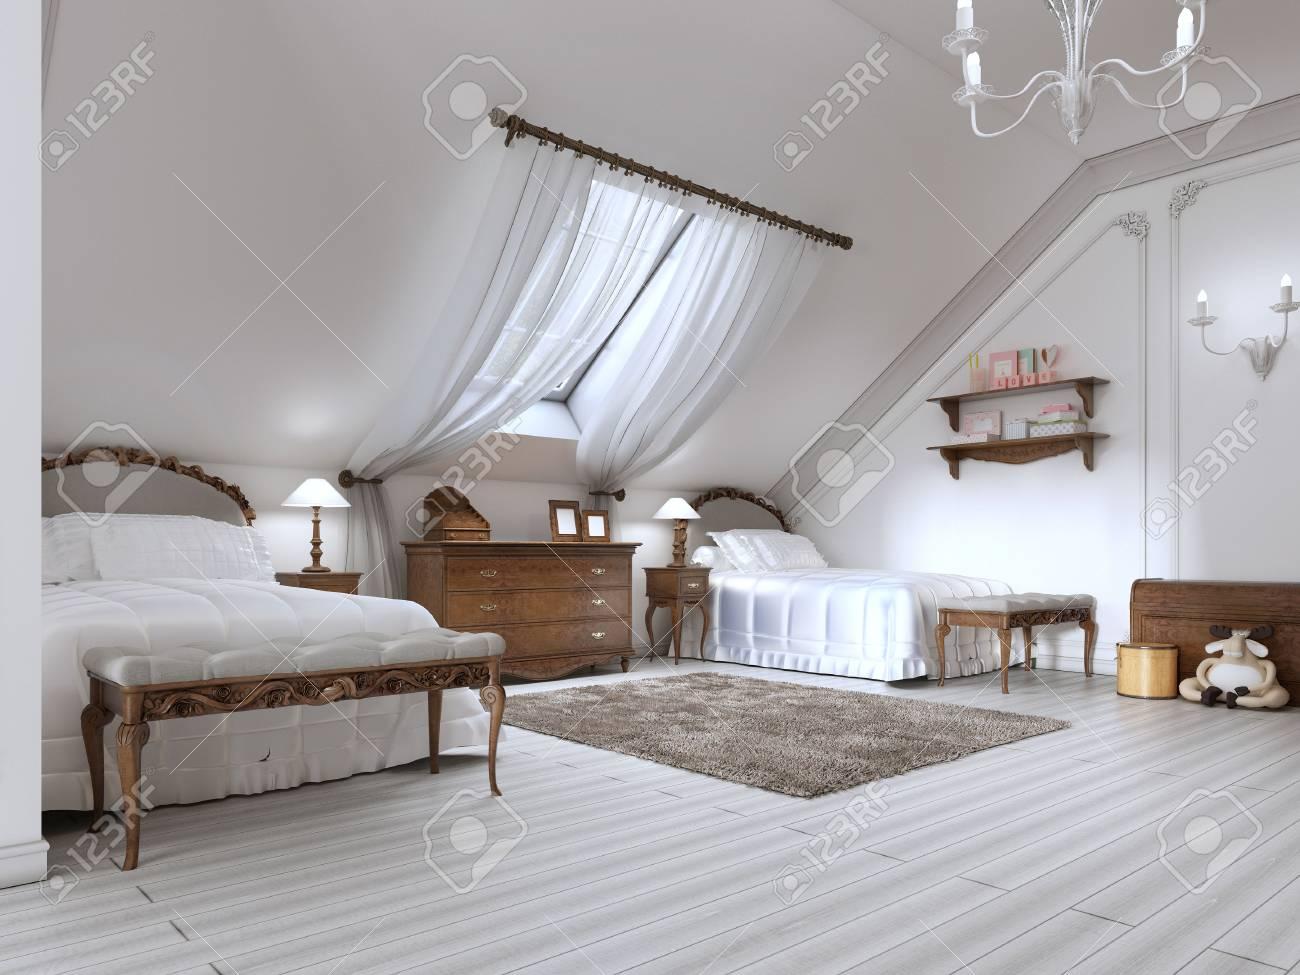 Full Size of Betten Aus Holz Luxus Mit Zwei Und Ein Dachfenster Braun 160x200 Weiße Landhausküche Gebraucht Regal Kisten Schlafzimmer Landhaus Ruf Fabrikverkauf Bett Betten Aus Holz